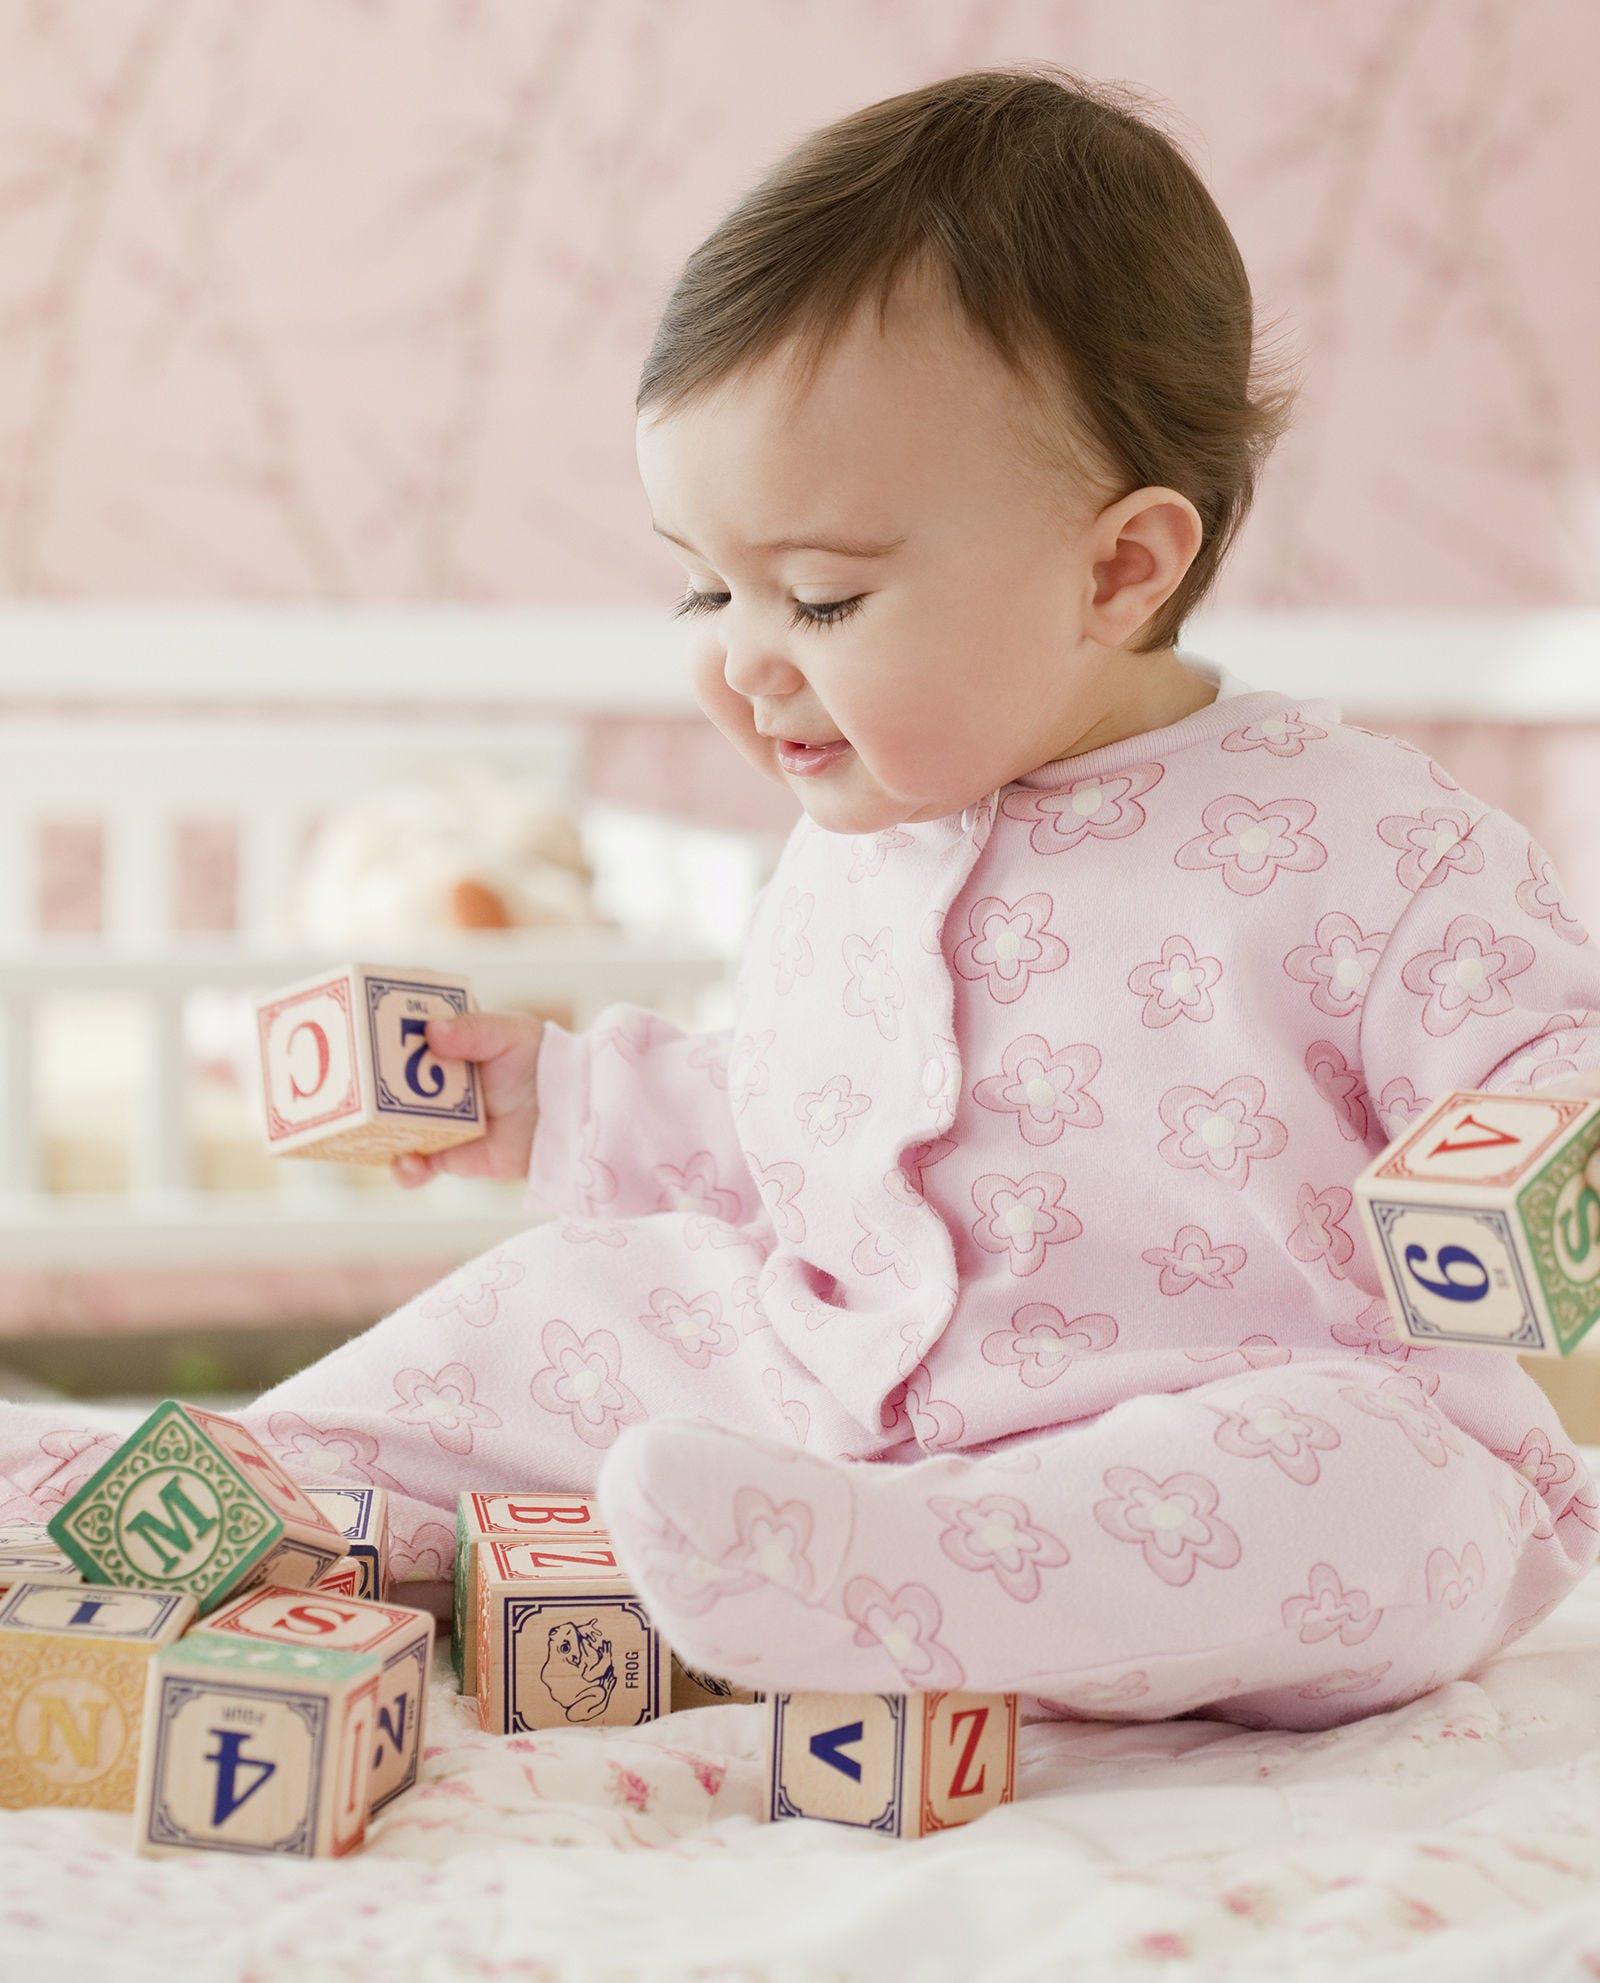 Child, Baby, Toddler, Skin, Pink, Cheek, Sitting, Play,